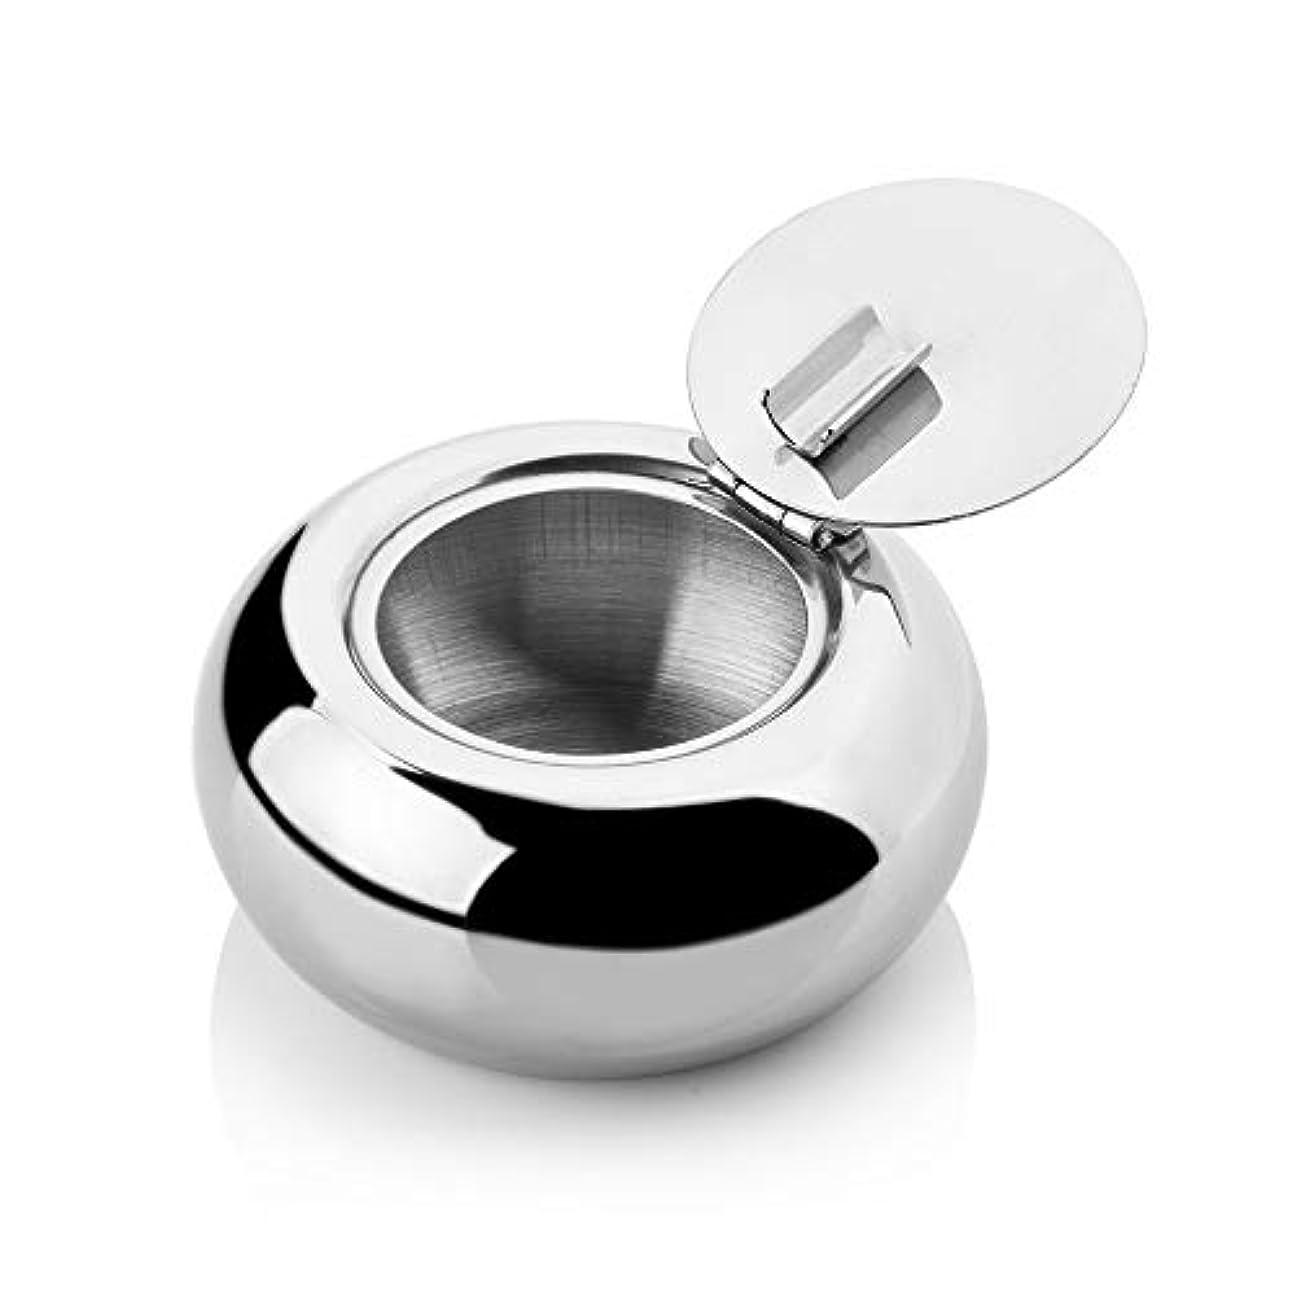 テンポサイズ絶滅させるステンレス鋼の覆われた灰皿、屋内/屋外の普遍的な灰皿、きれいにすること容易防風の灰皿 (色 : L)